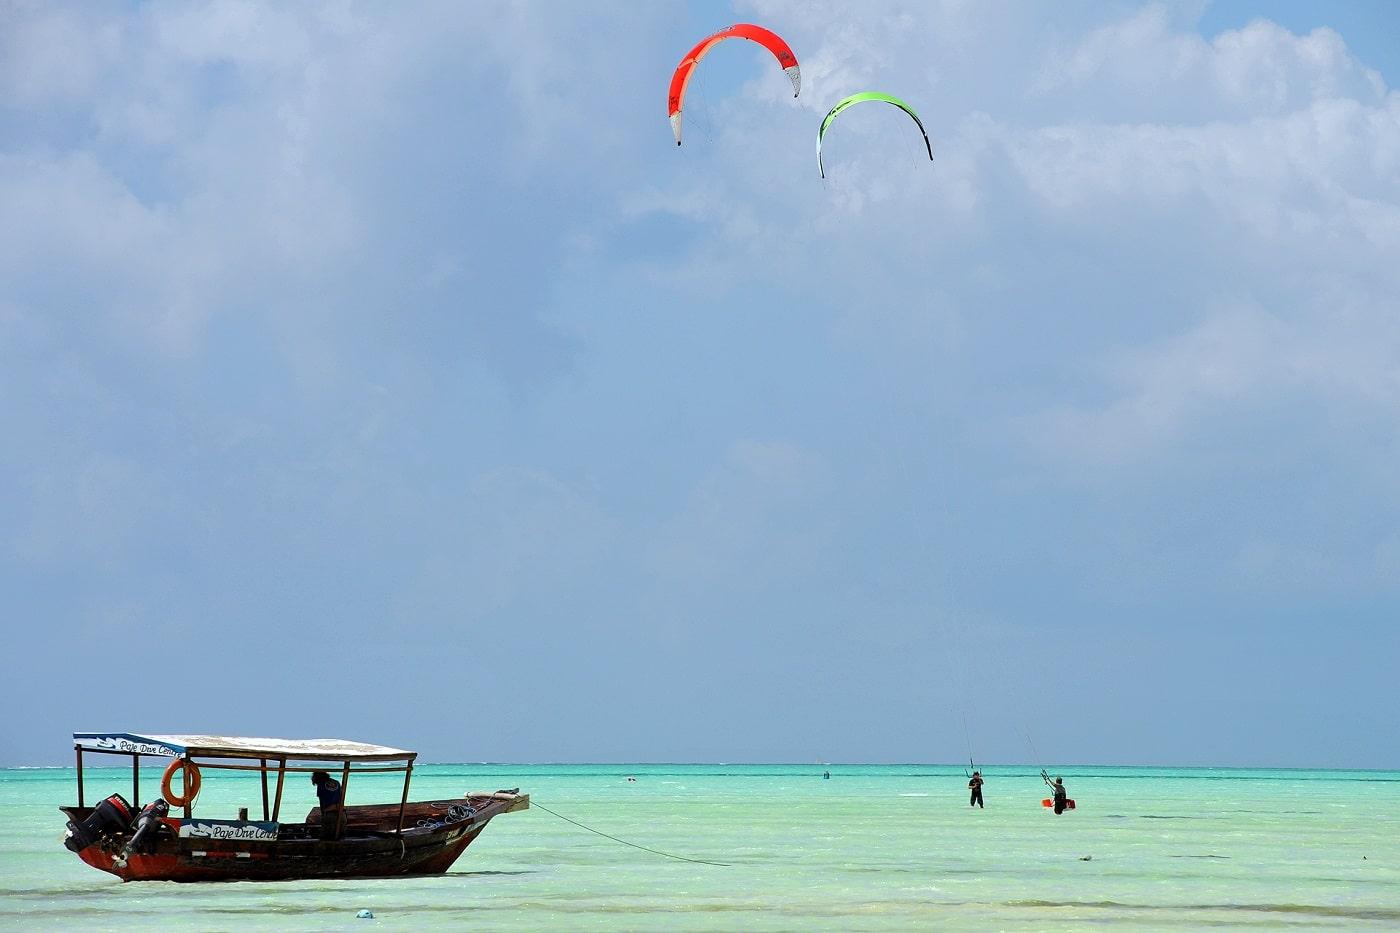 În Zanzibar poți practica fel de fel de activități interesante